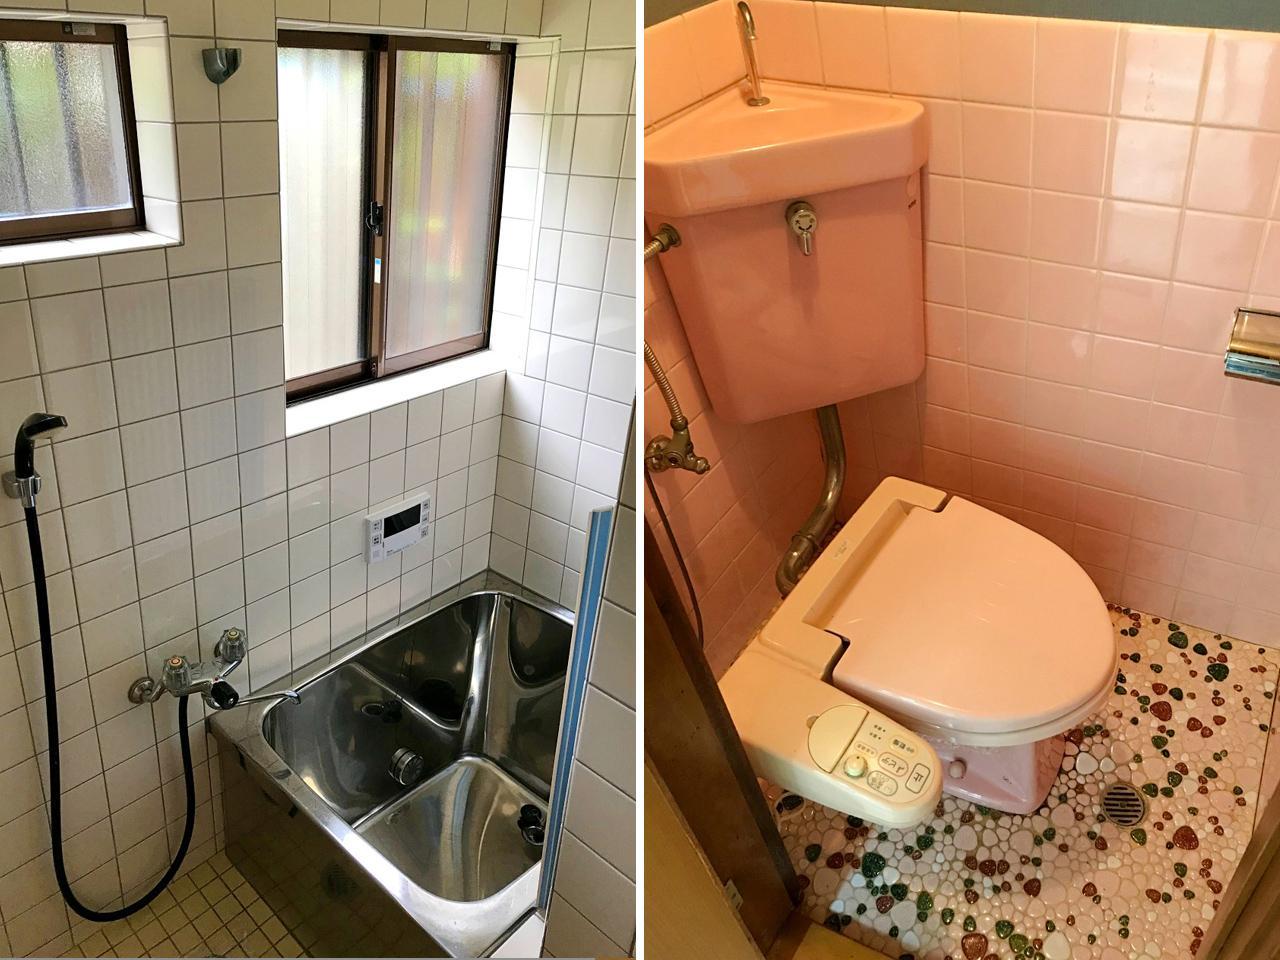 浴室とトイレは既存のものですが、給湯器は替えて追焚もできます